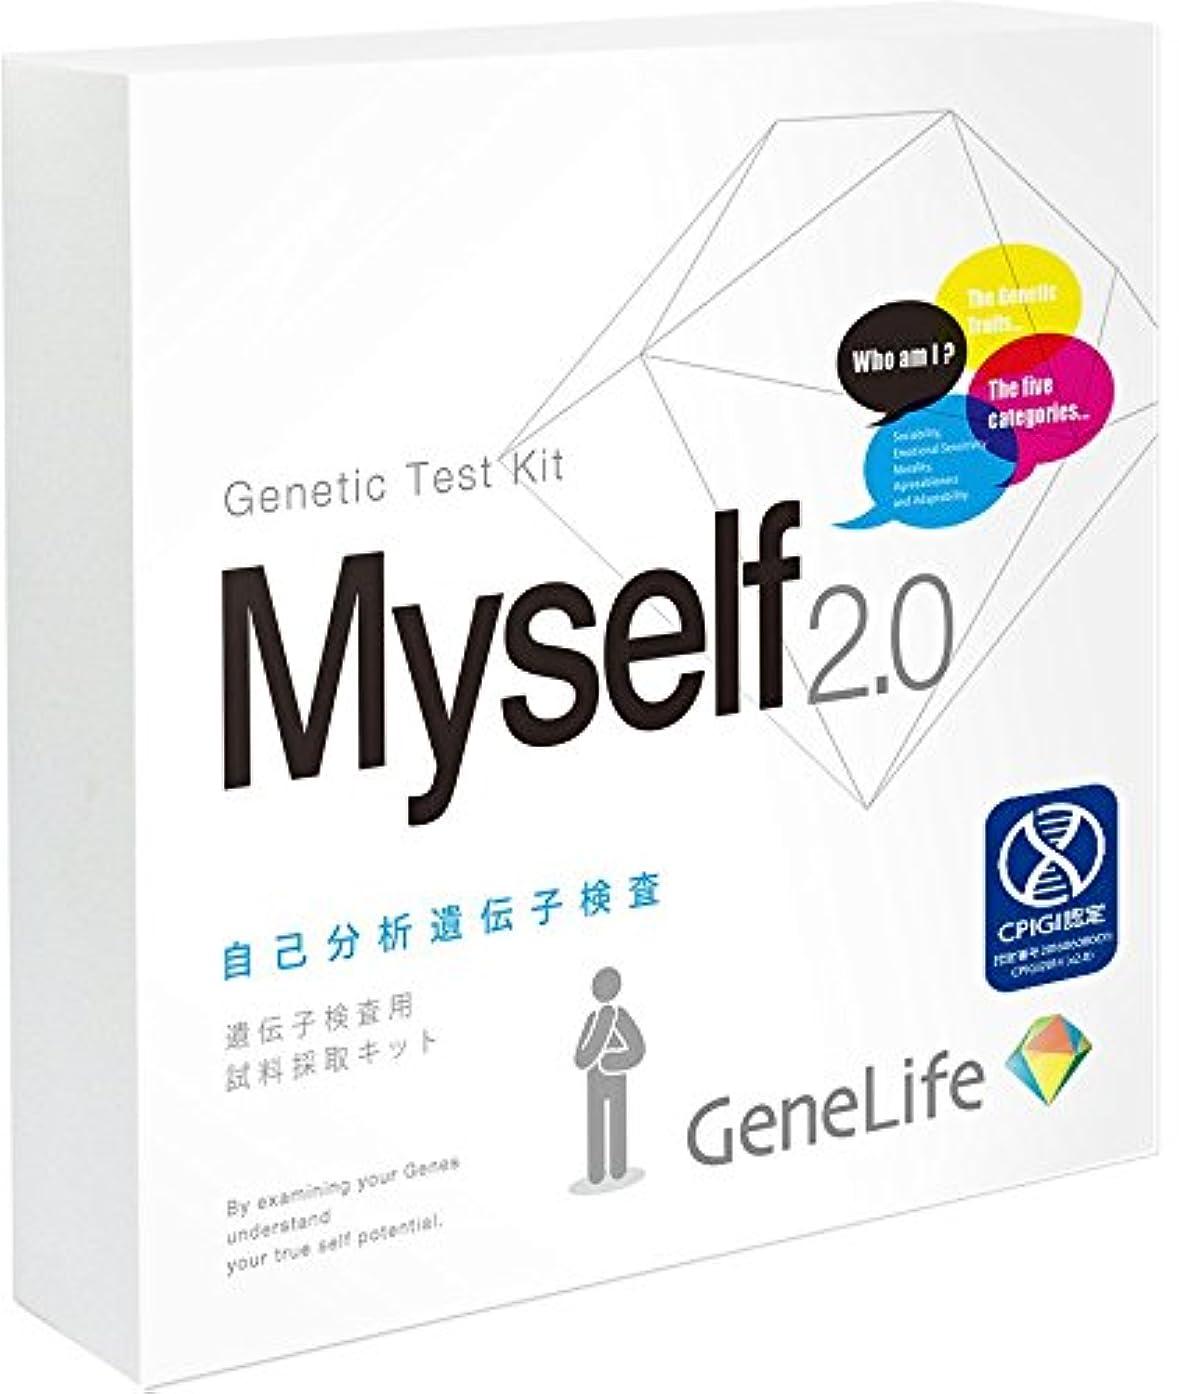 独裁者エンジン自明自己分析遺伝子検査キット<GeneLife Myself2.0(ジーンライフ マイセルフ)>性格や能力など87項目を解析